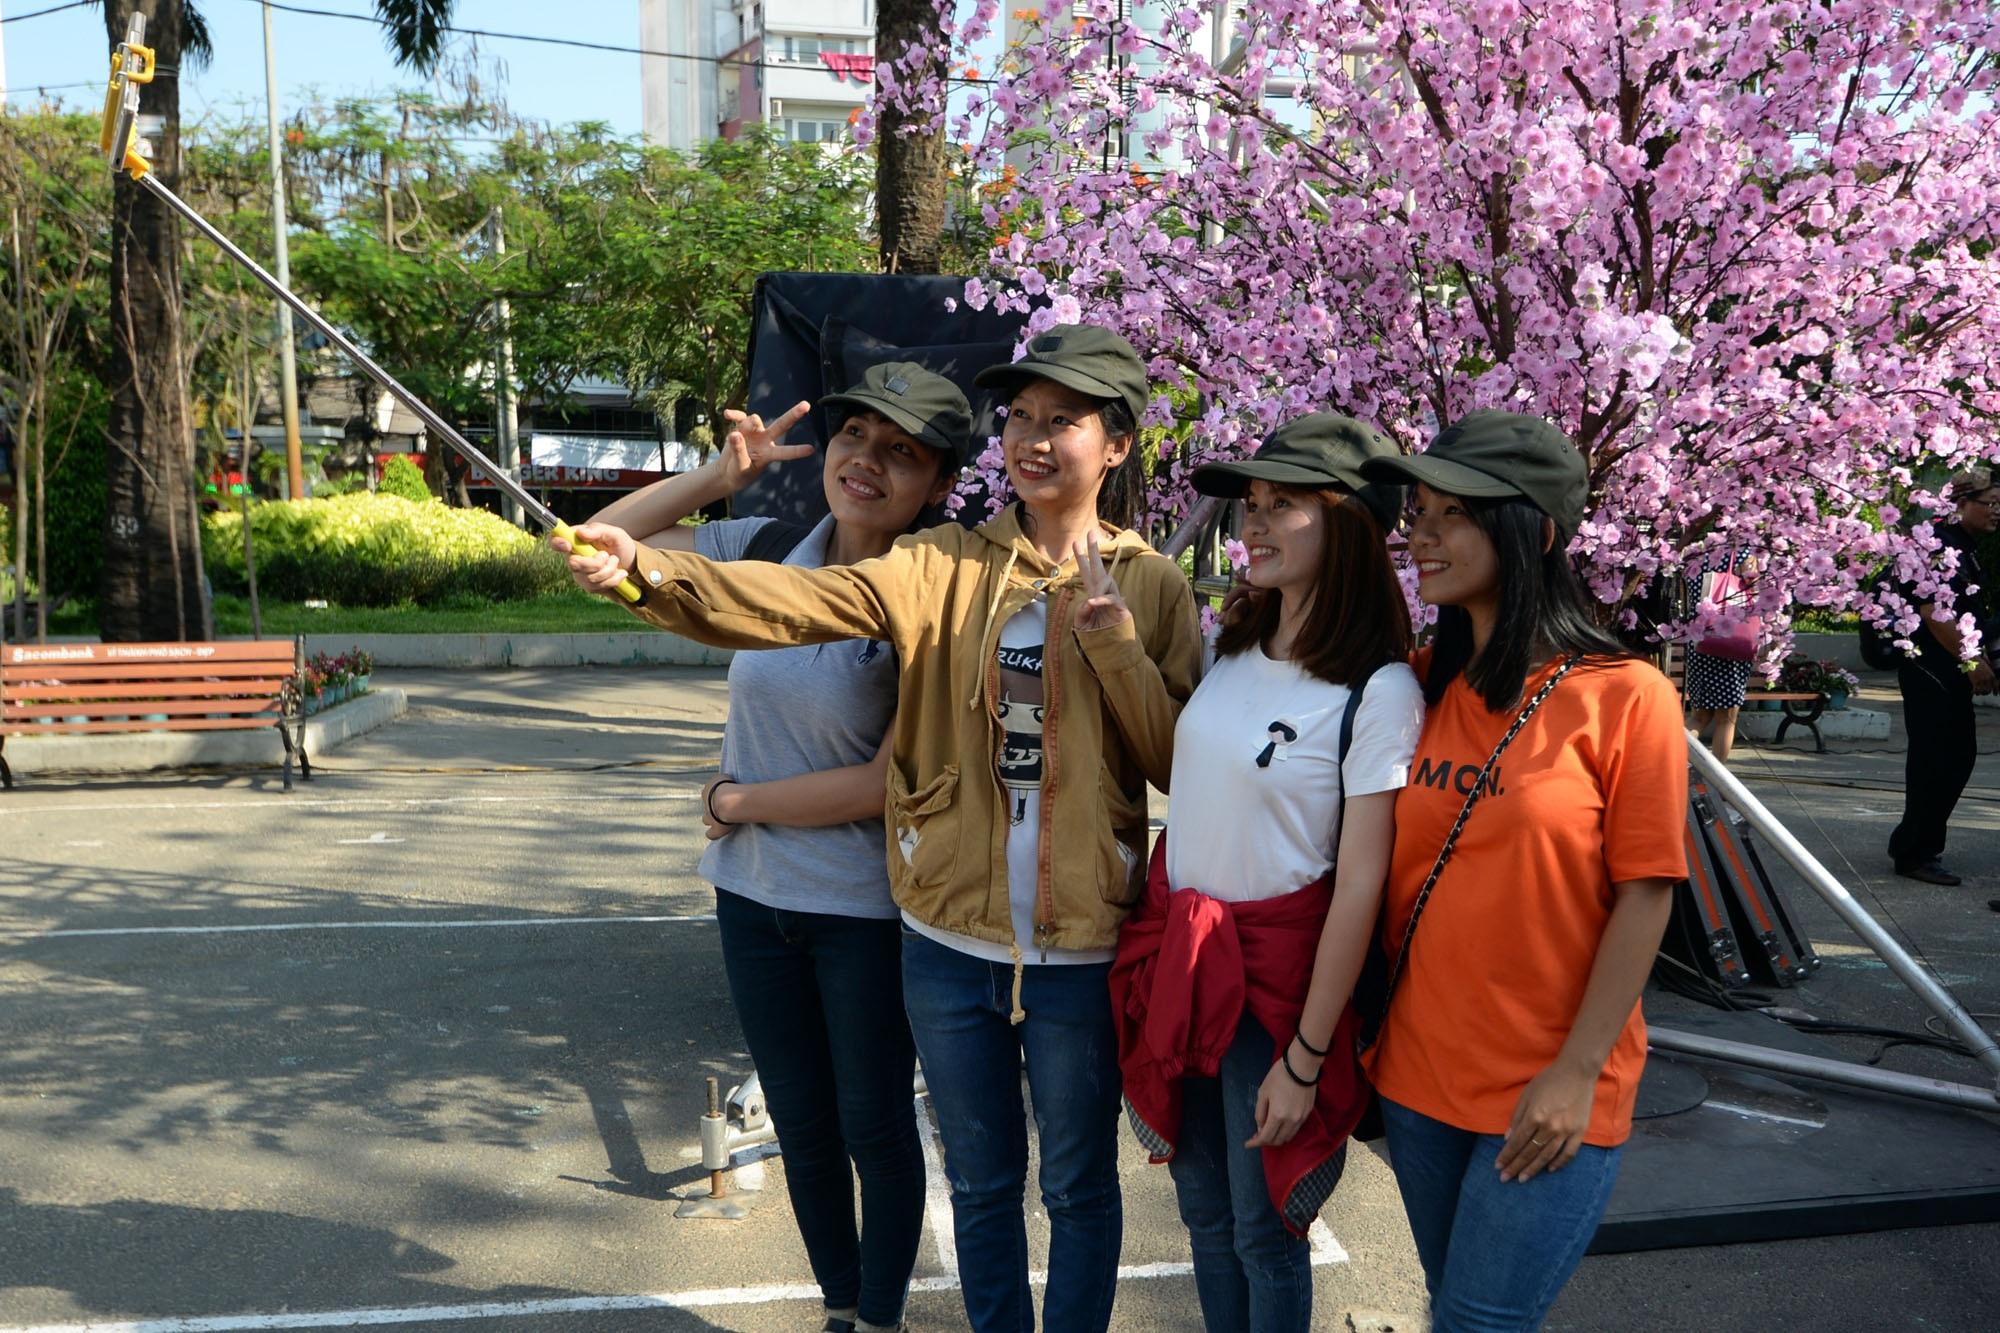 Nhiều bạn trẻ tranh thủ cơ hội được chụp hình với hoa anh đào